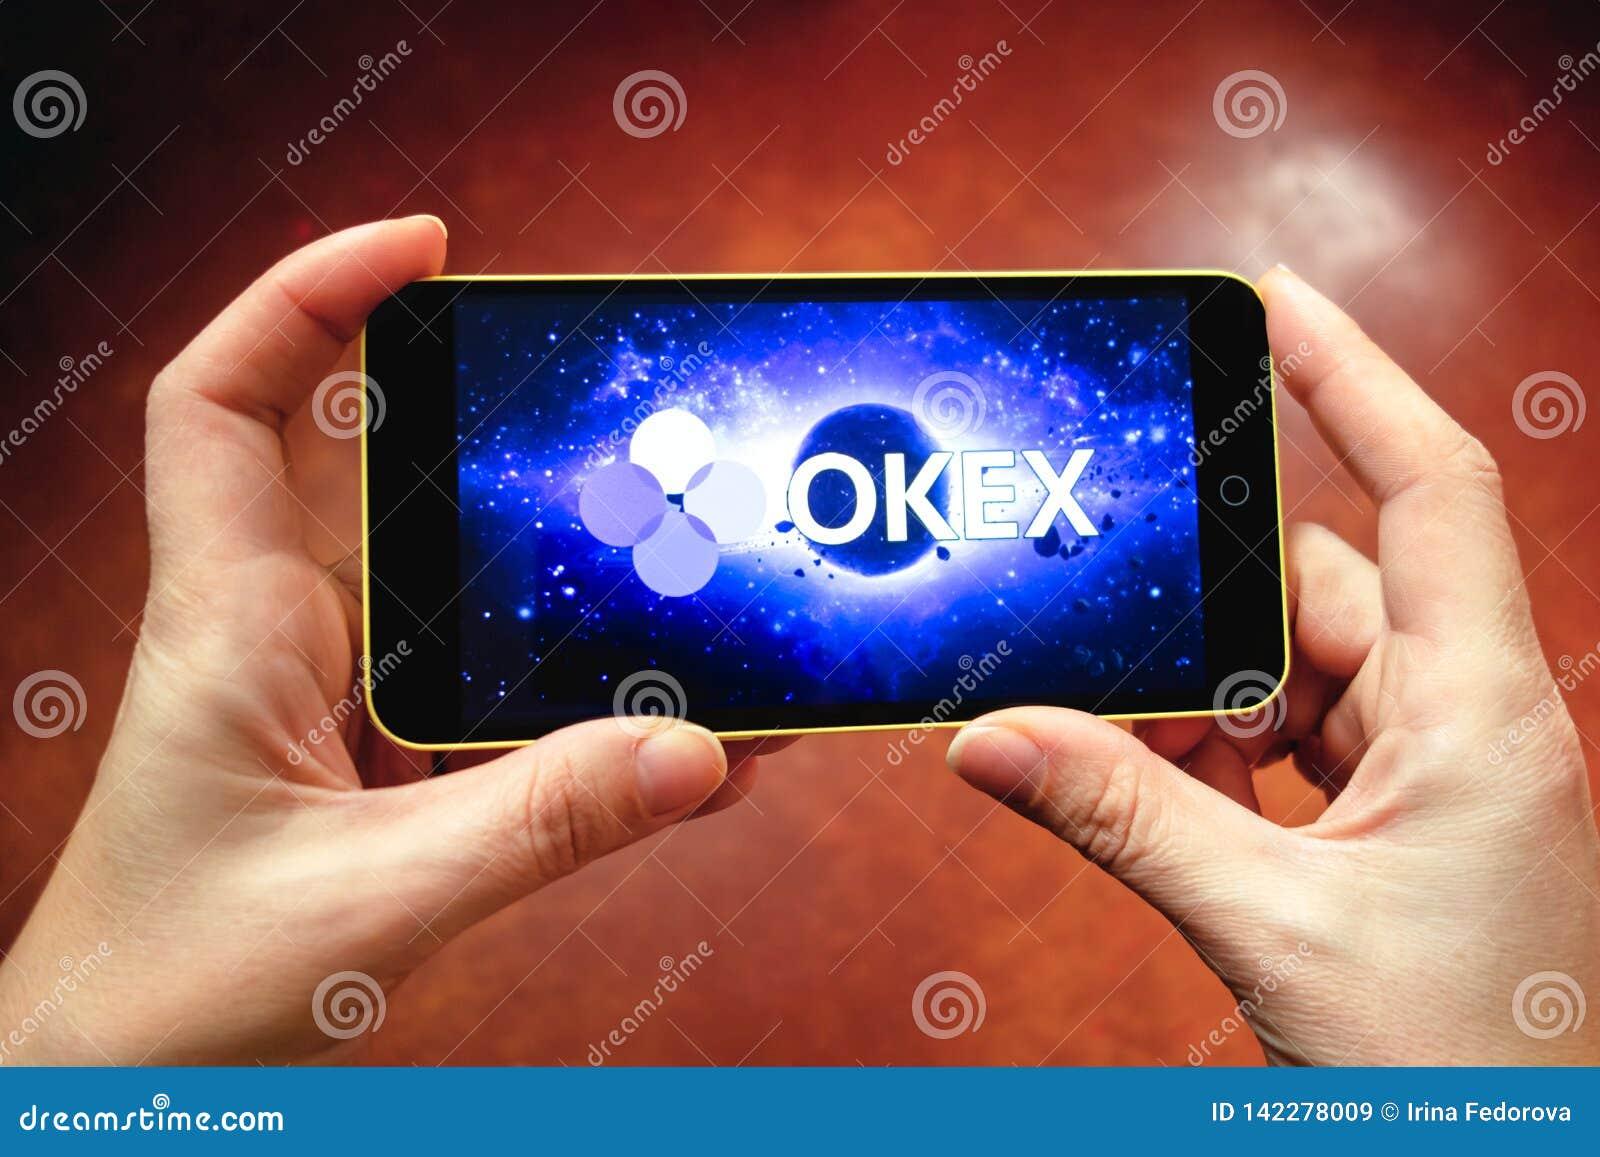 Berdyansk, Ucrania - 17 de marzo de 2019: Logotipo de OKEx exhibido en un smartphone moderno